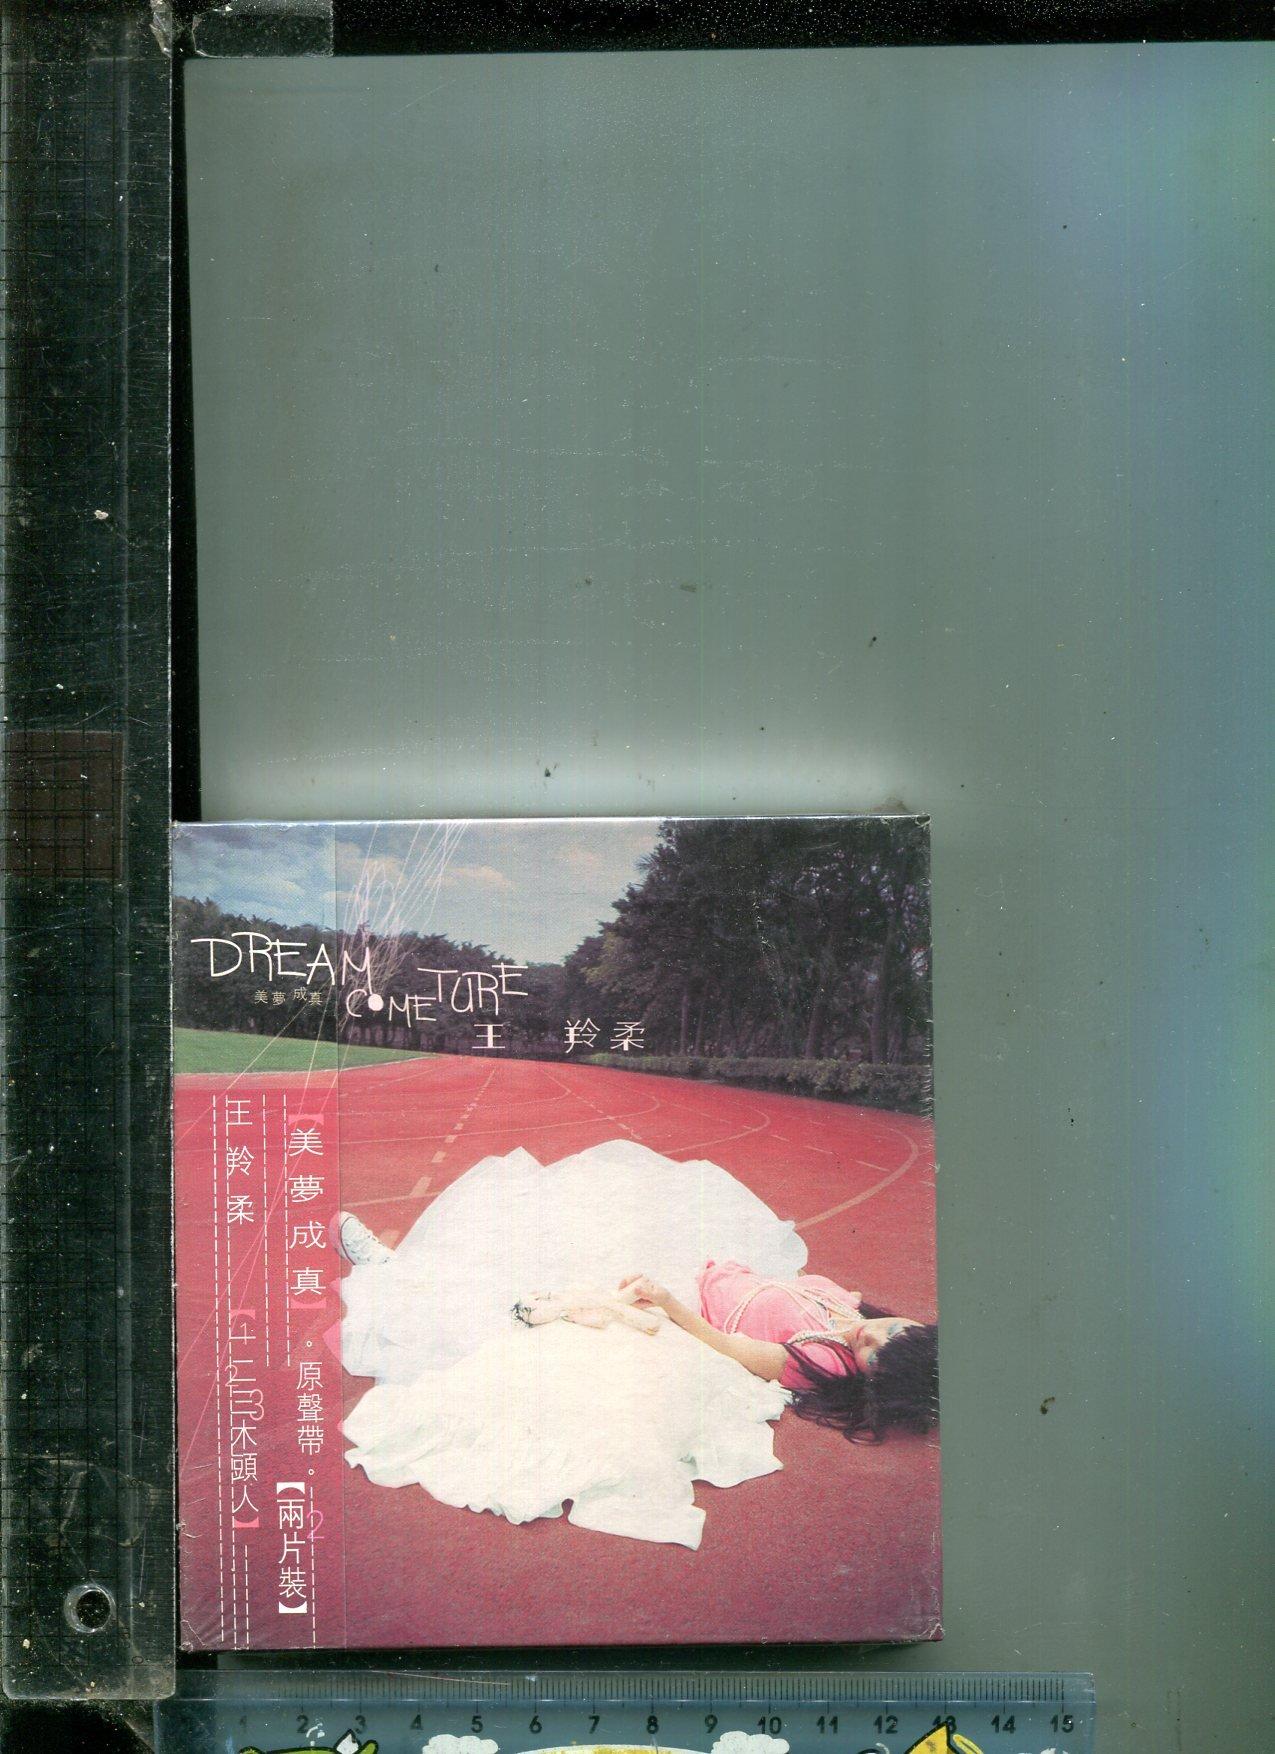 王羚柔 美夢成真+一二三木頭人 有容(未拆 2 CD)